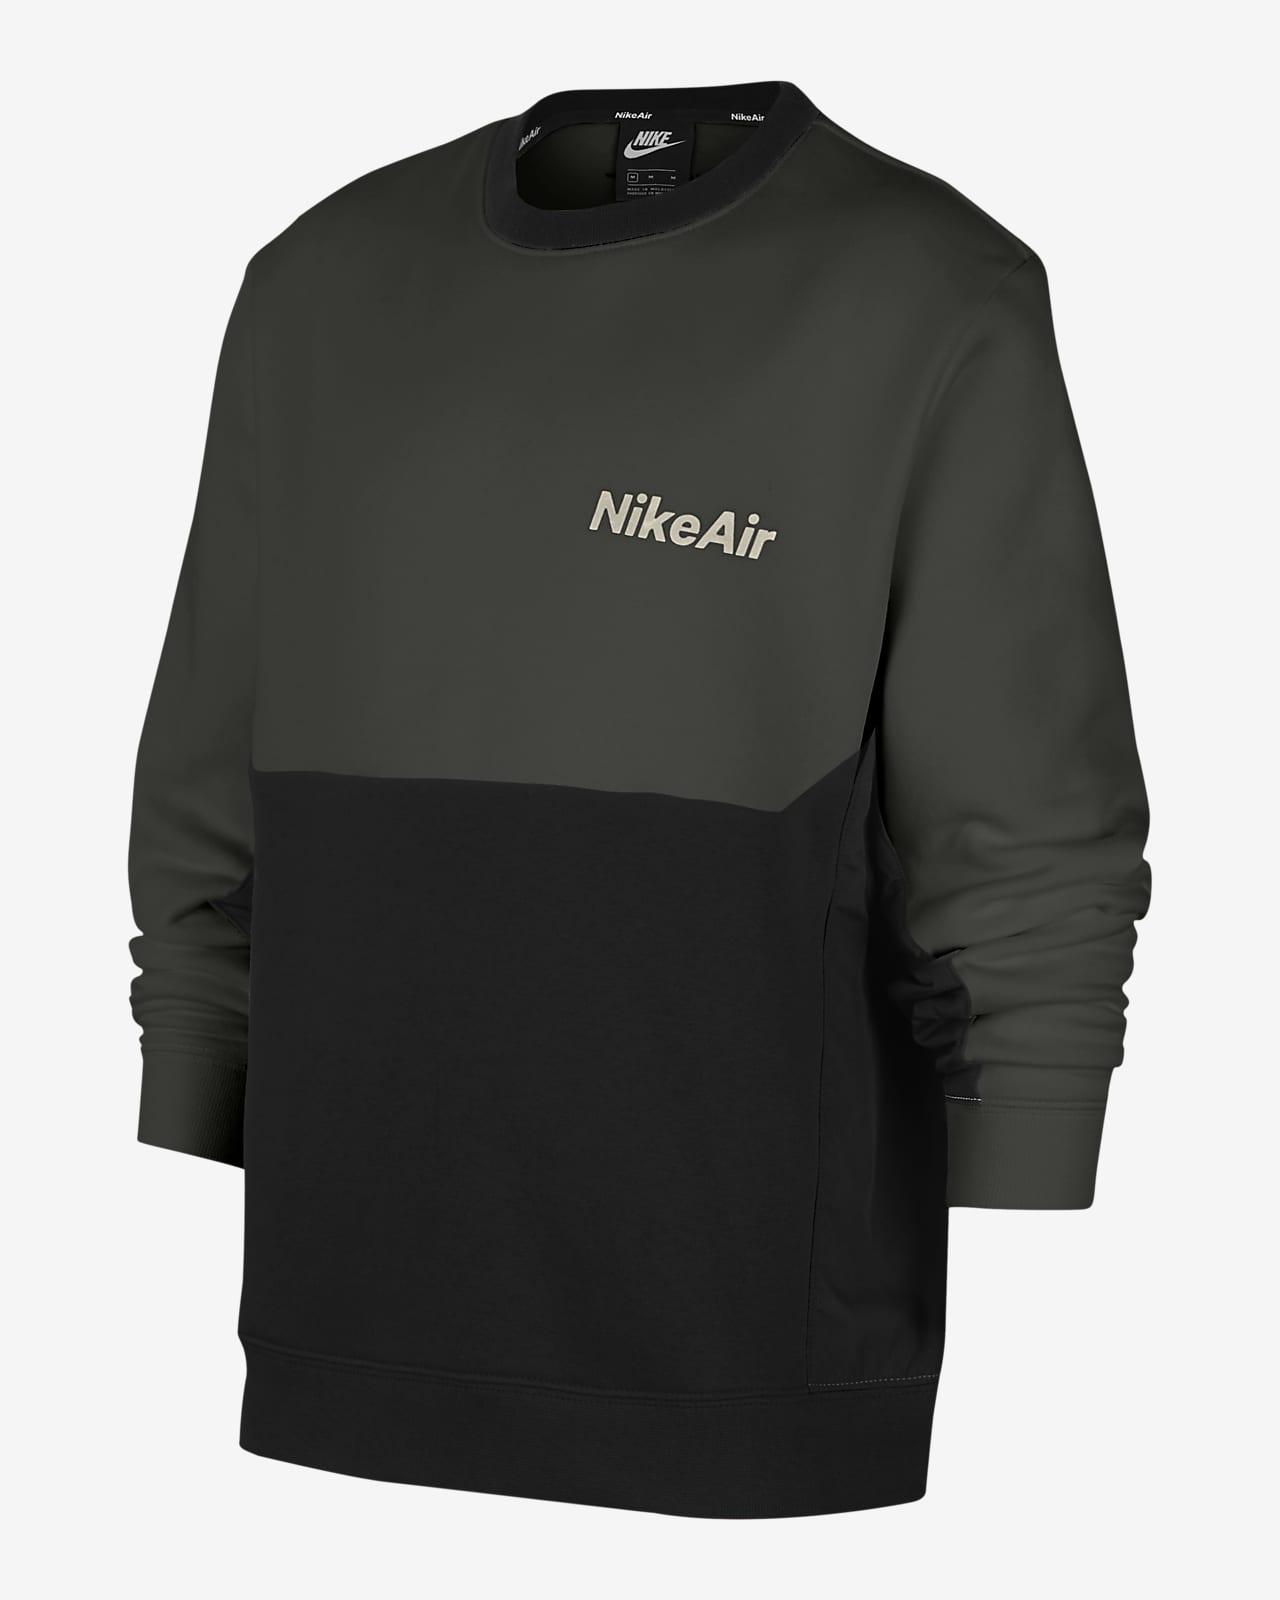 Nike Air 大童 (男童) 長袖貼身圓領上衣